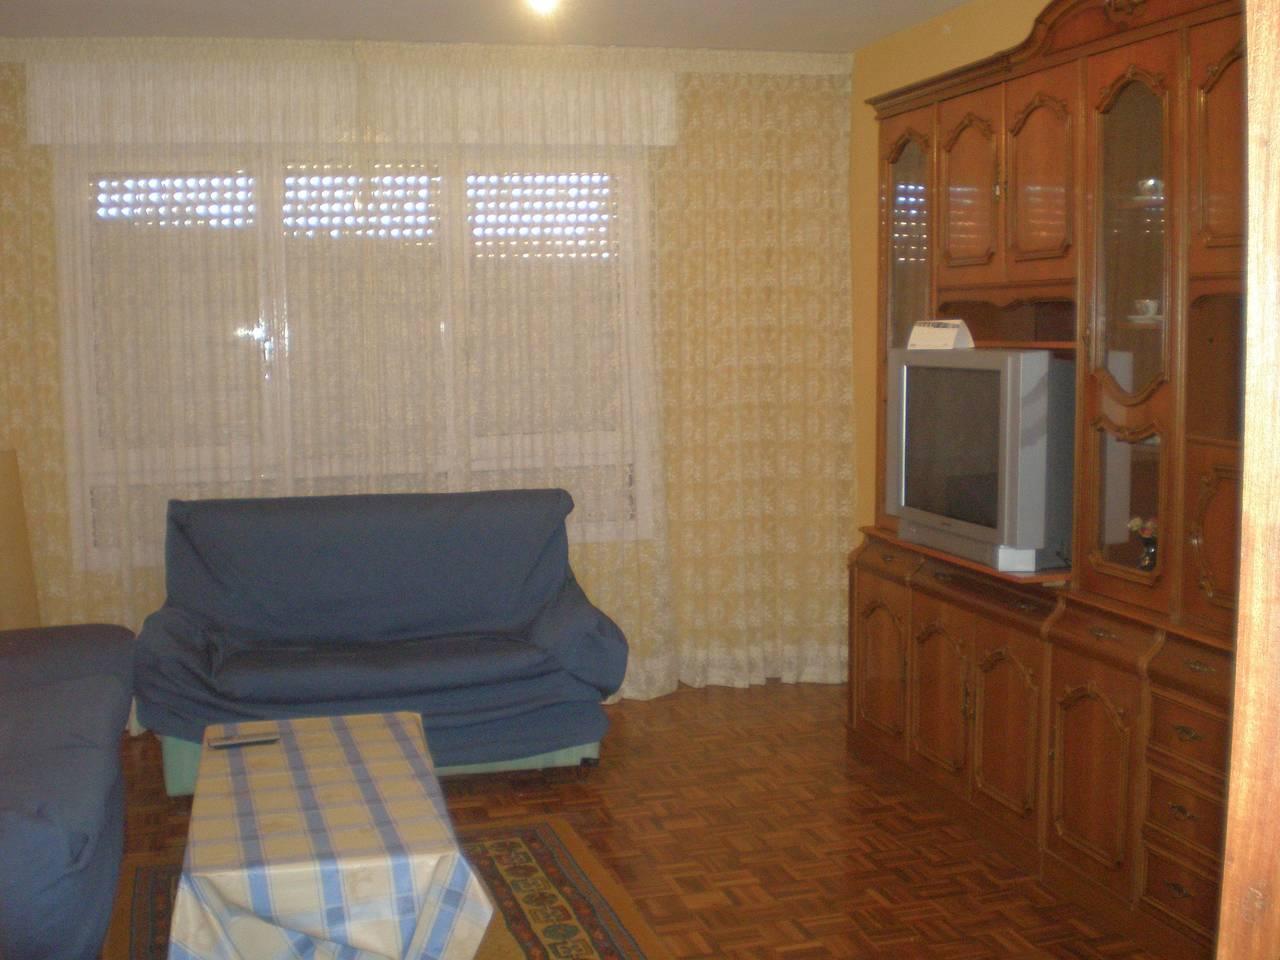 en soria se alquilan una habitacion en piso compartido  - Foto 2